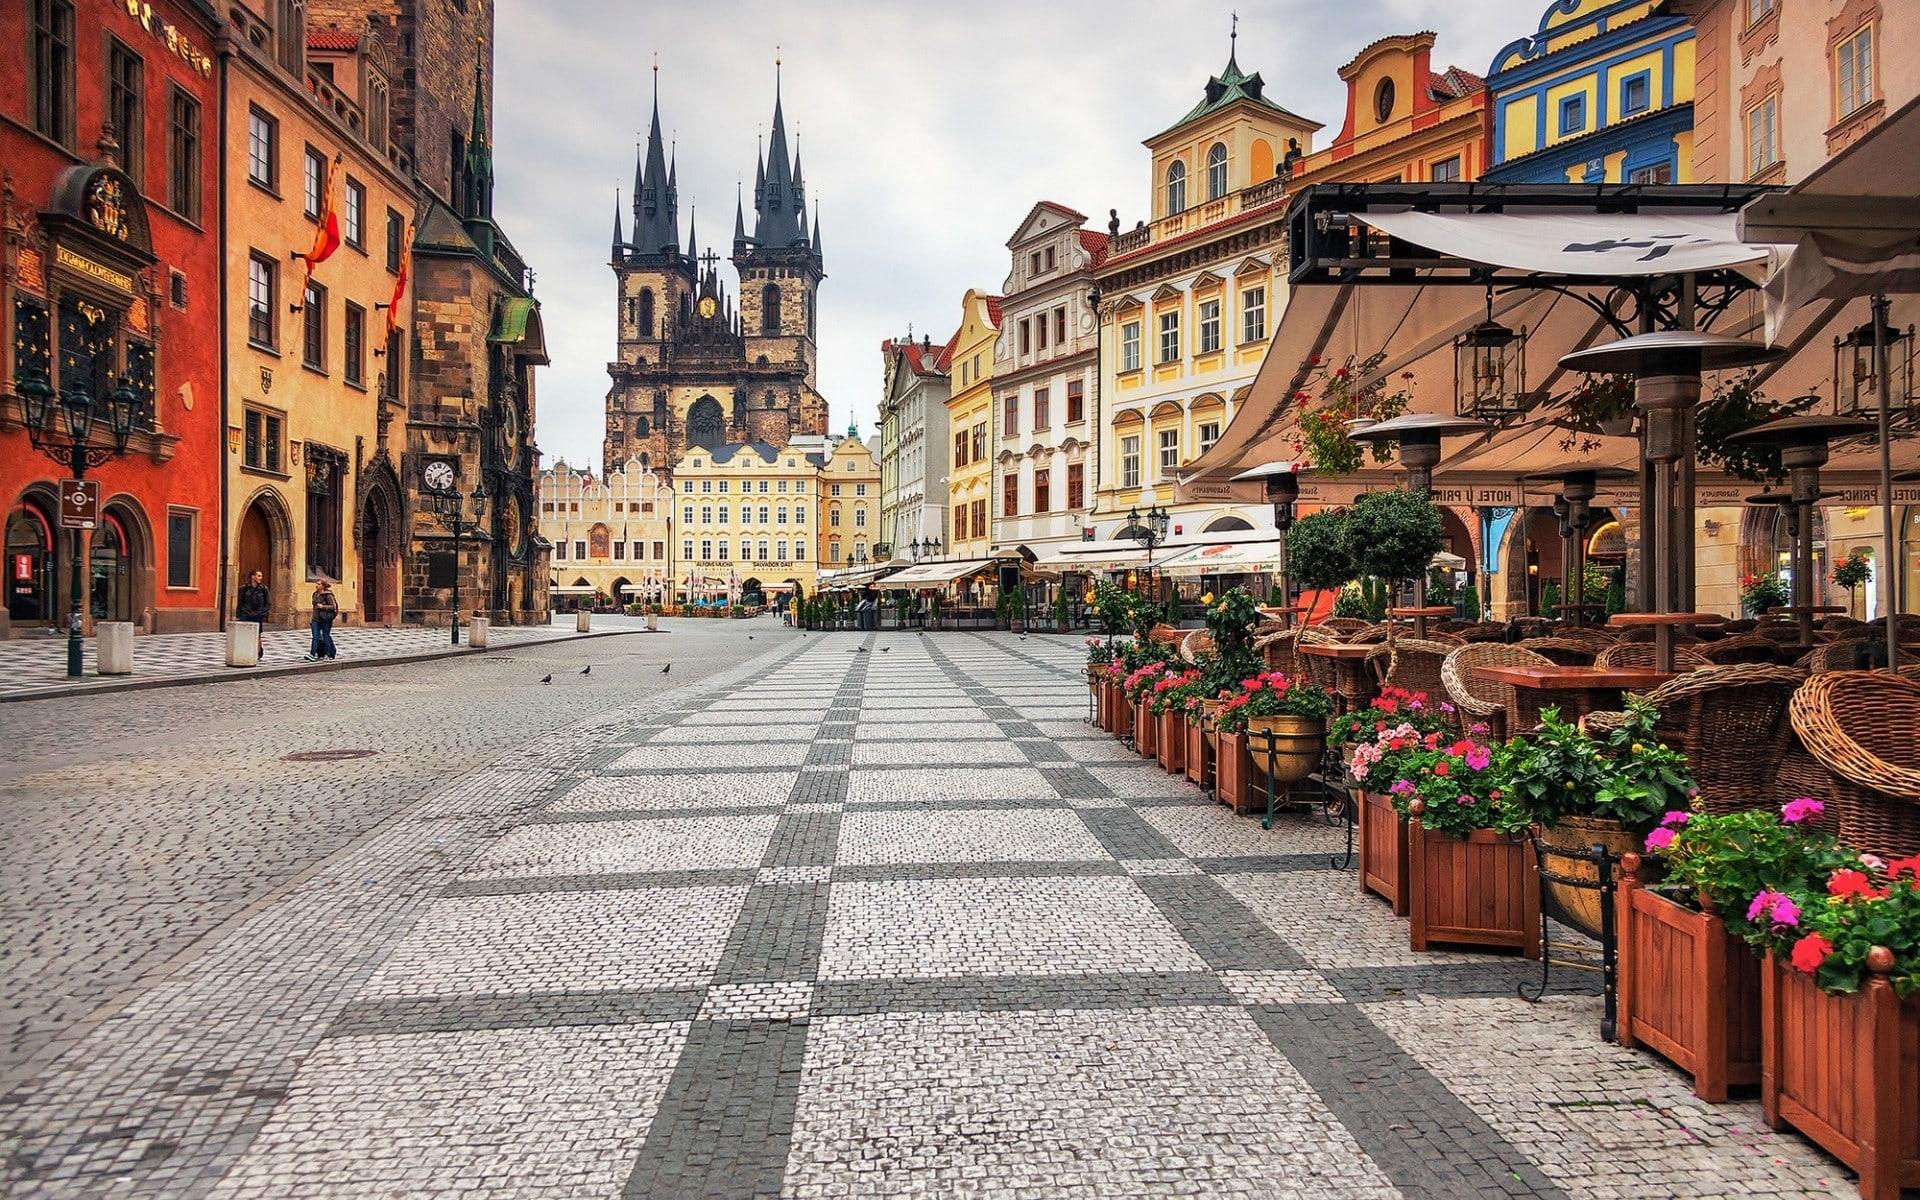 Prague widescreen for desktop